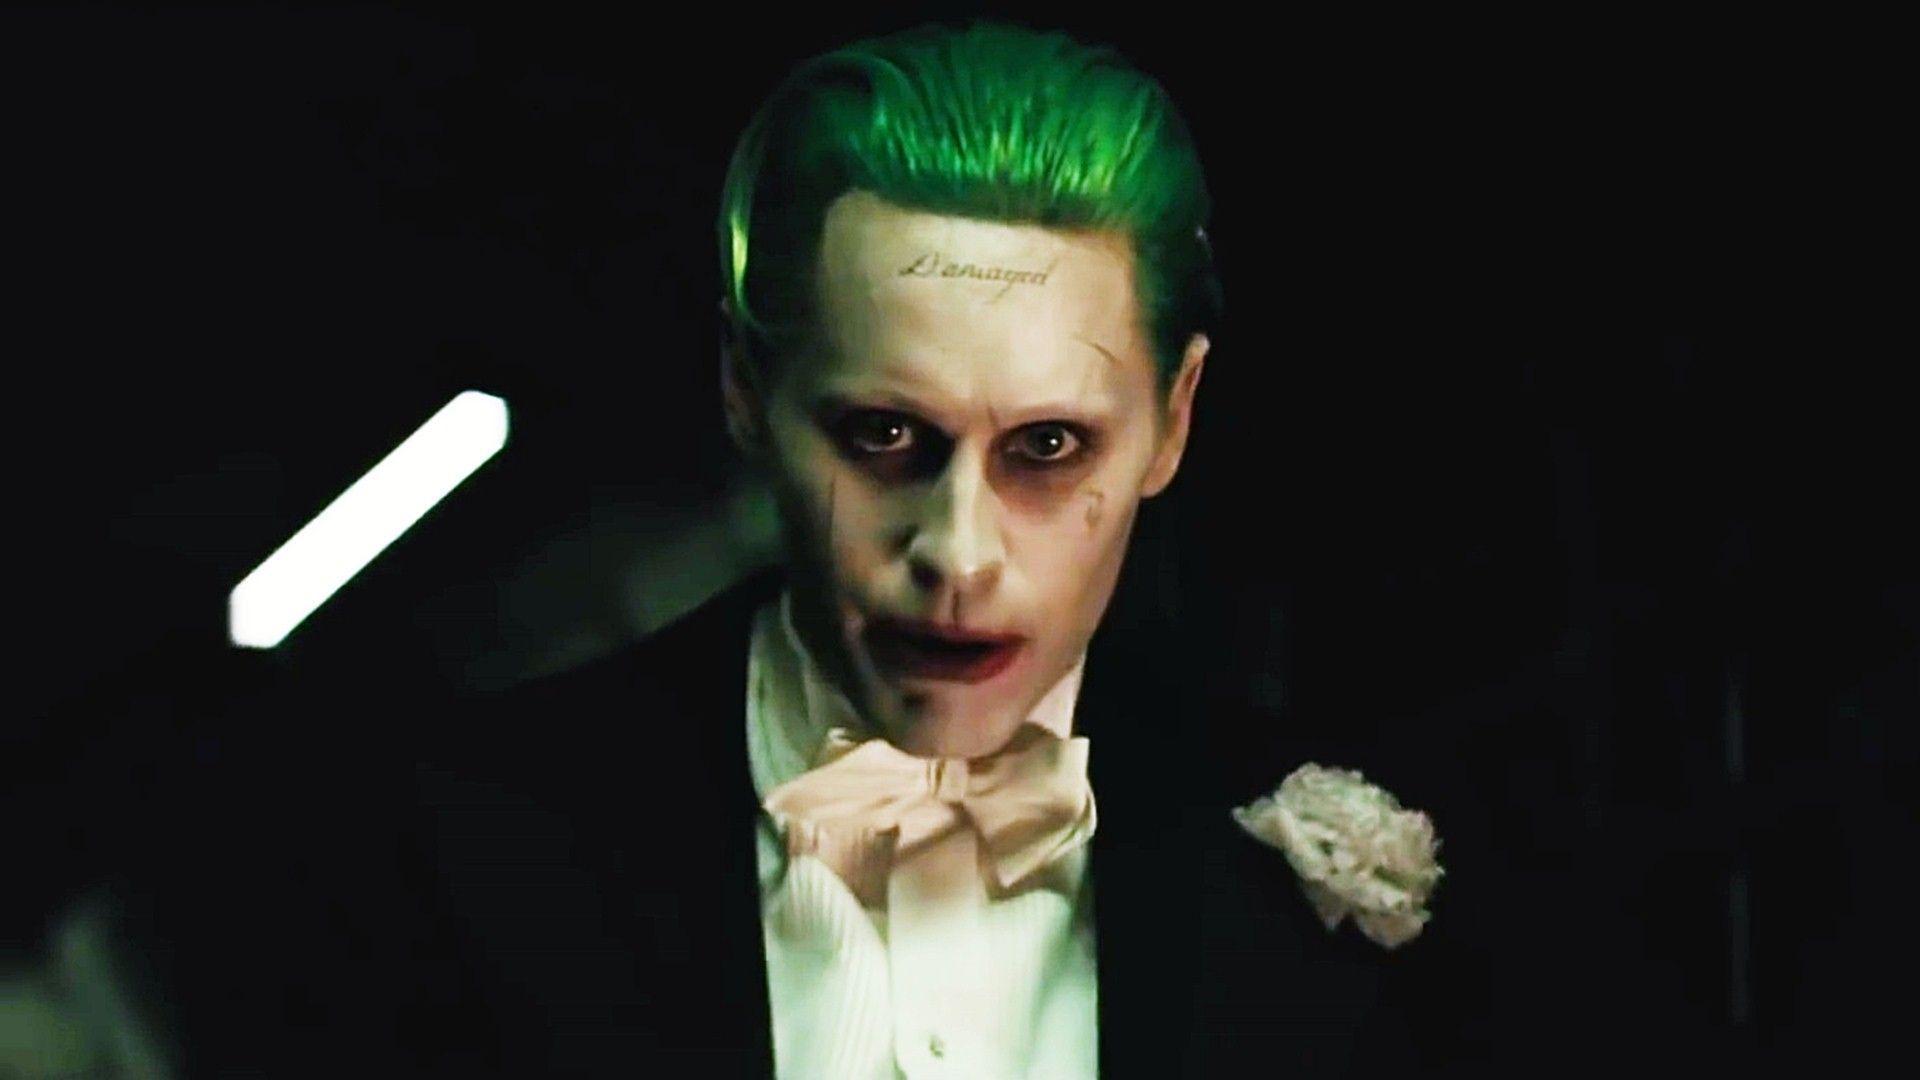 Joker Suicide Squad 4K Wallpapers - Top Free Joker Suicide ...